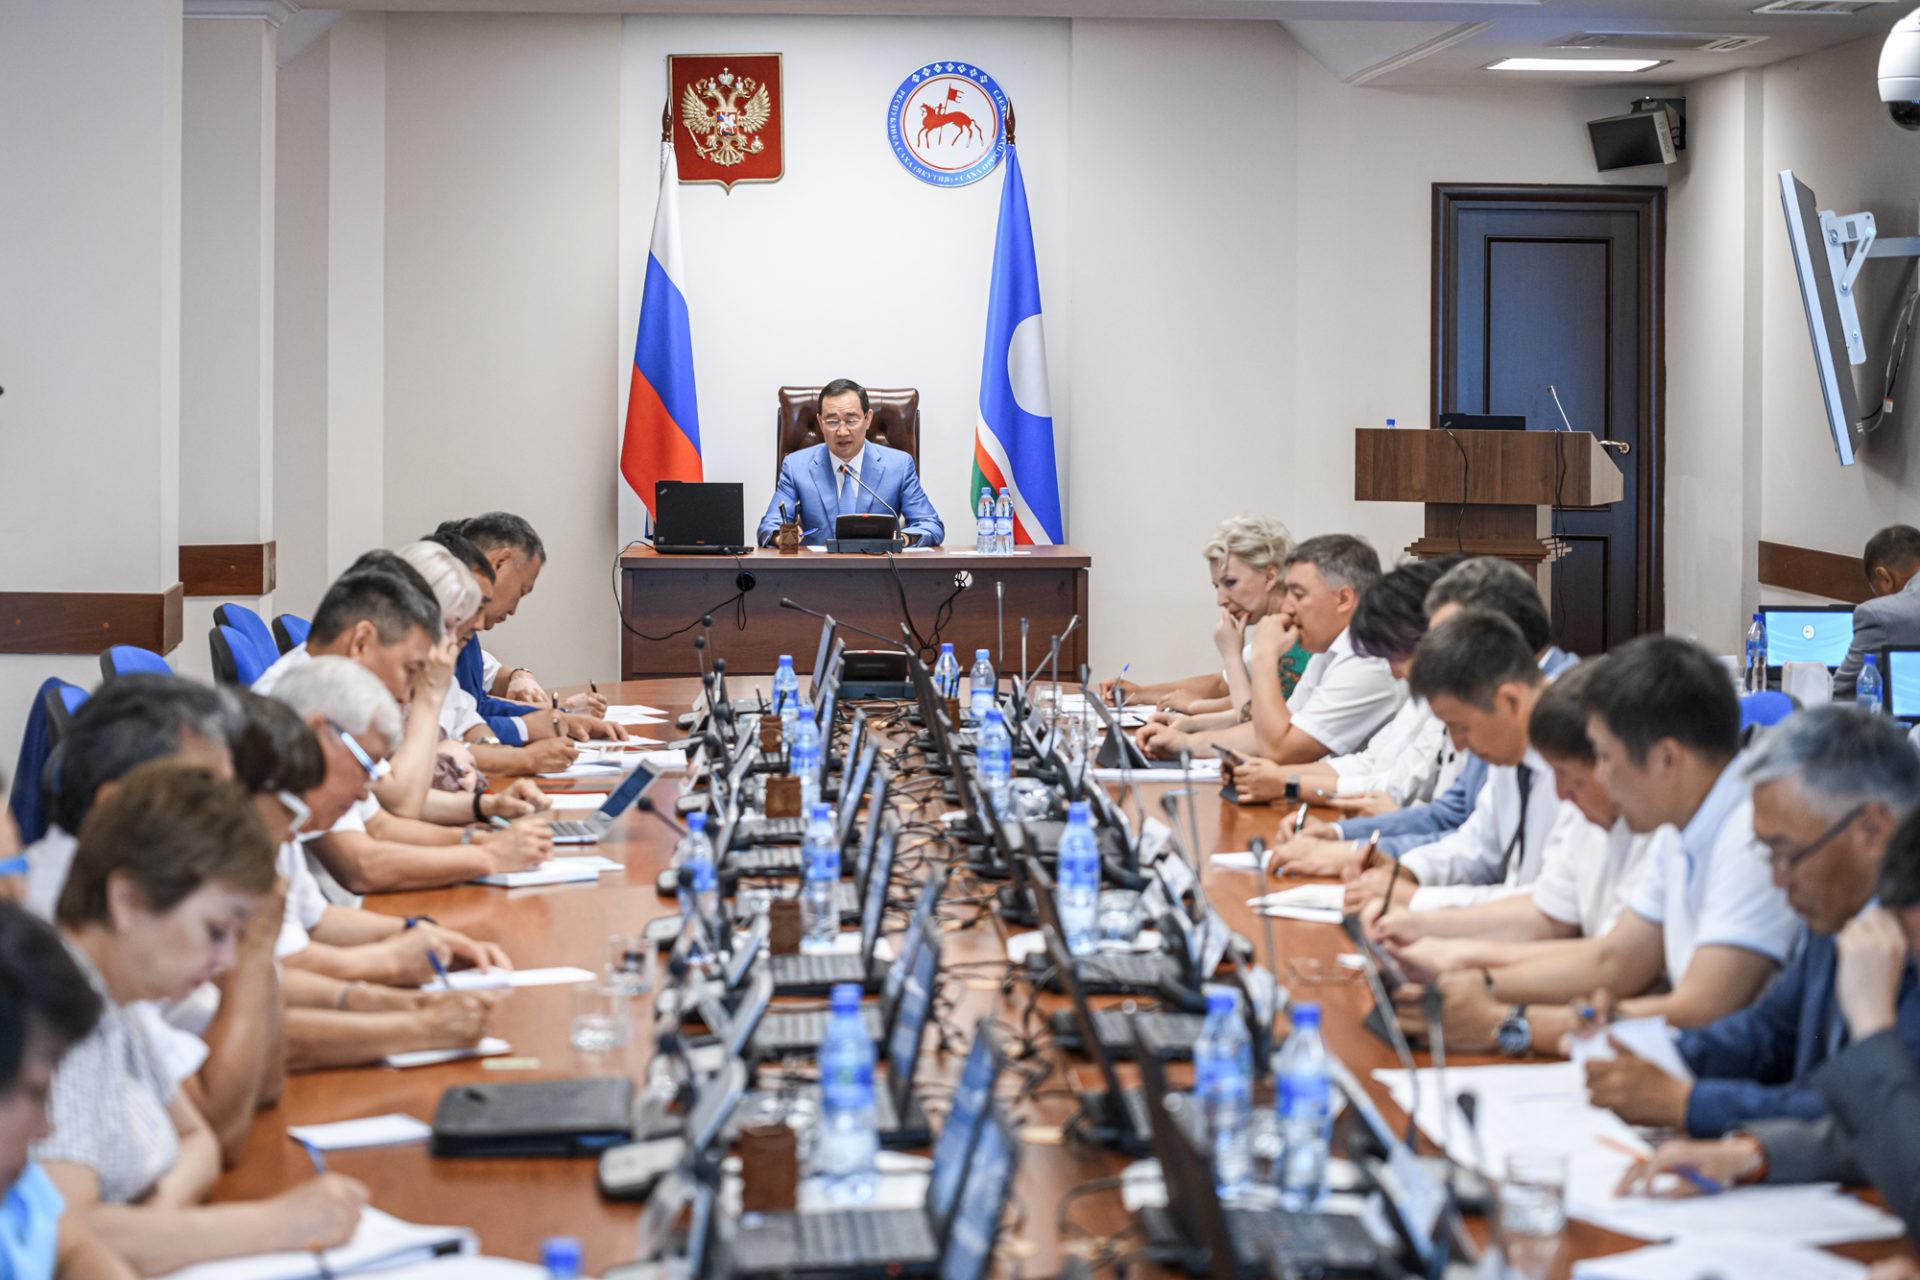 Глава Якутии обозначил основные направления работы правительства на текущий период